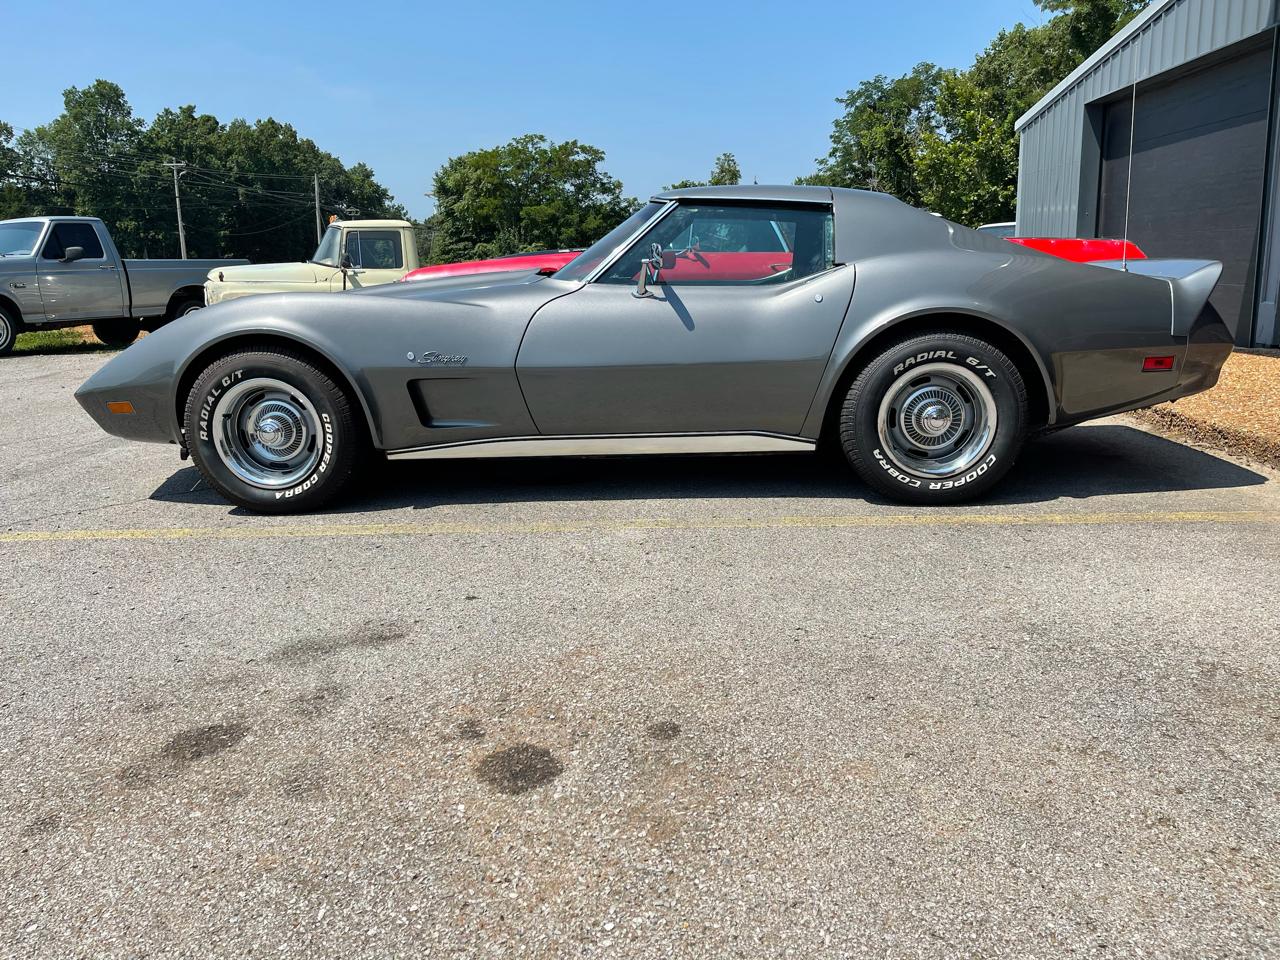 Chevrolet Corvette 2dr Coupe 1974